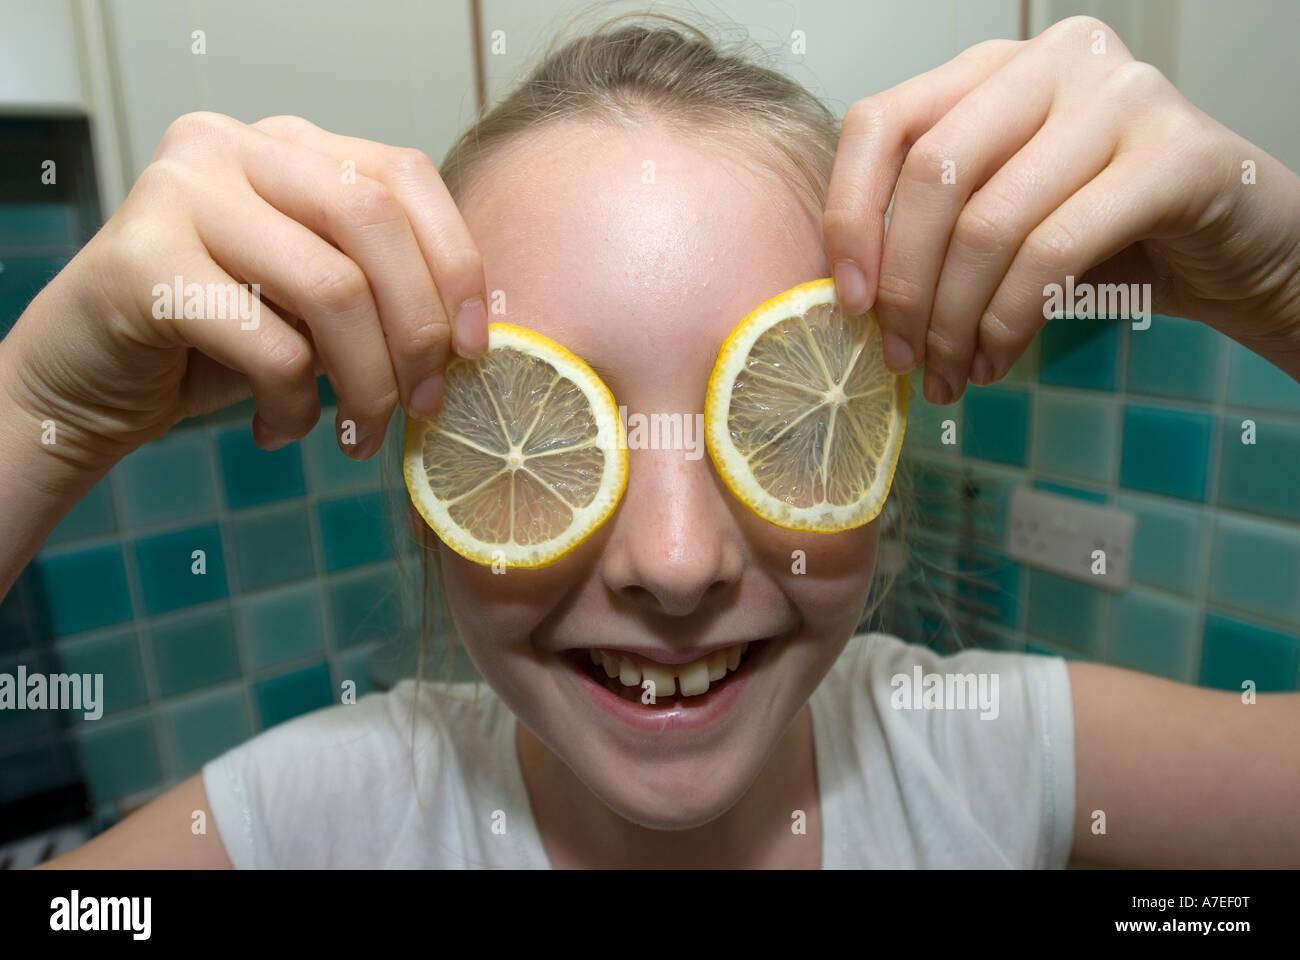 Junges Mädchen lacht, als sie vor ihrem Gesicht für Augen UK Zitronenscheiben legt Stockbild